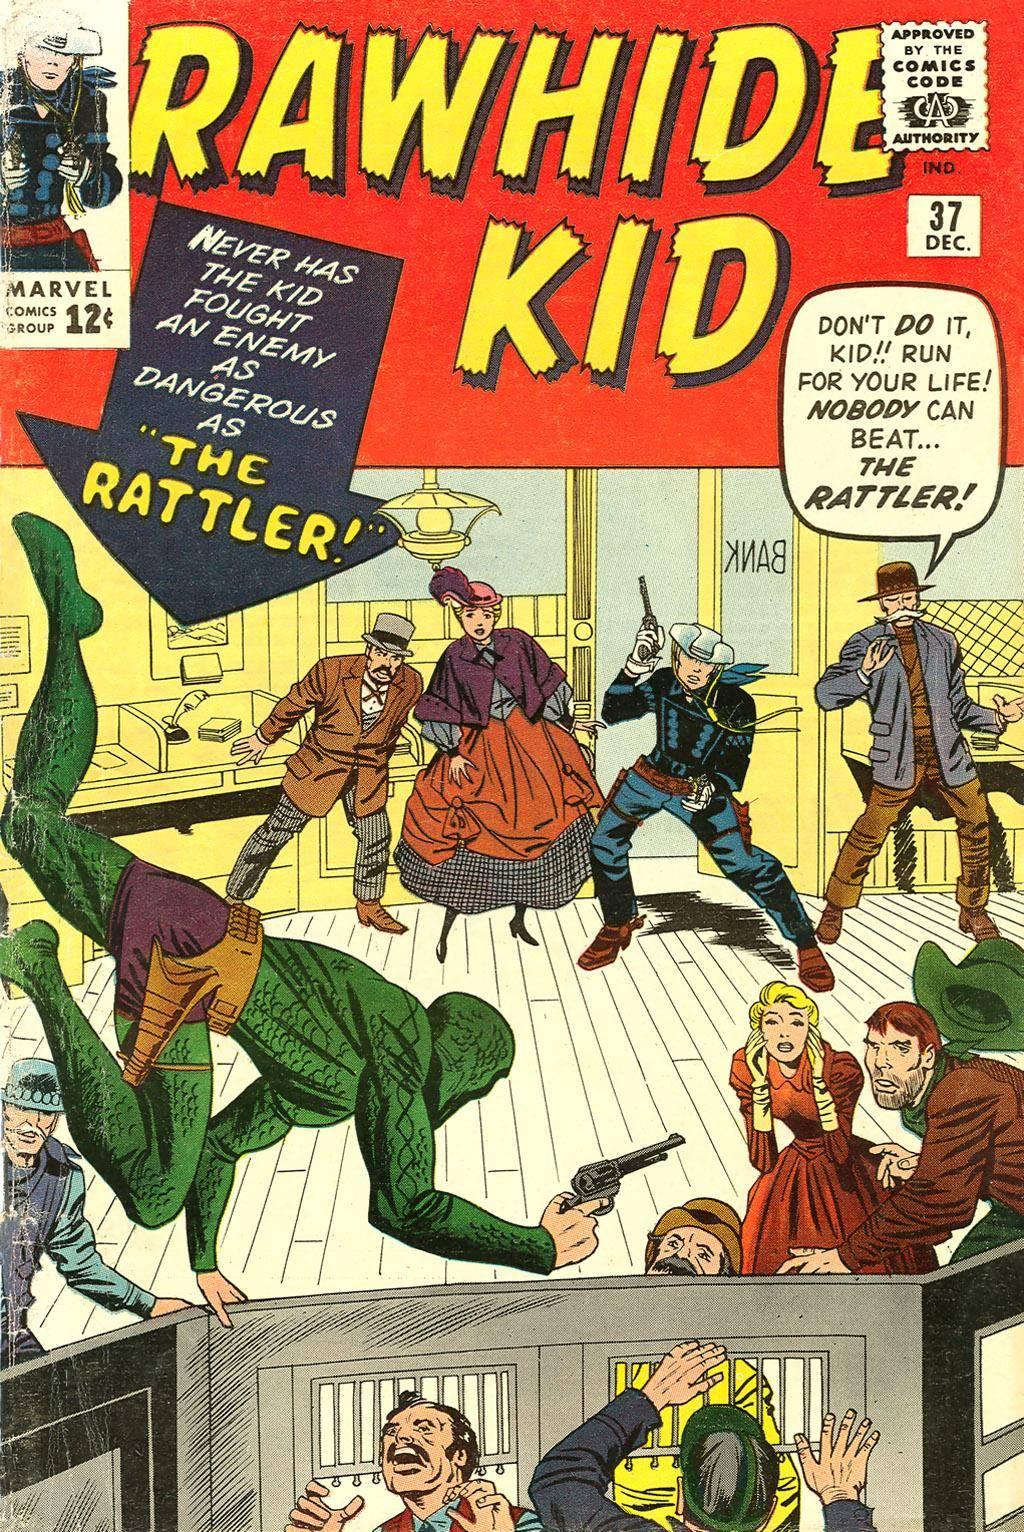 Rawhide Kid v1 037 1963